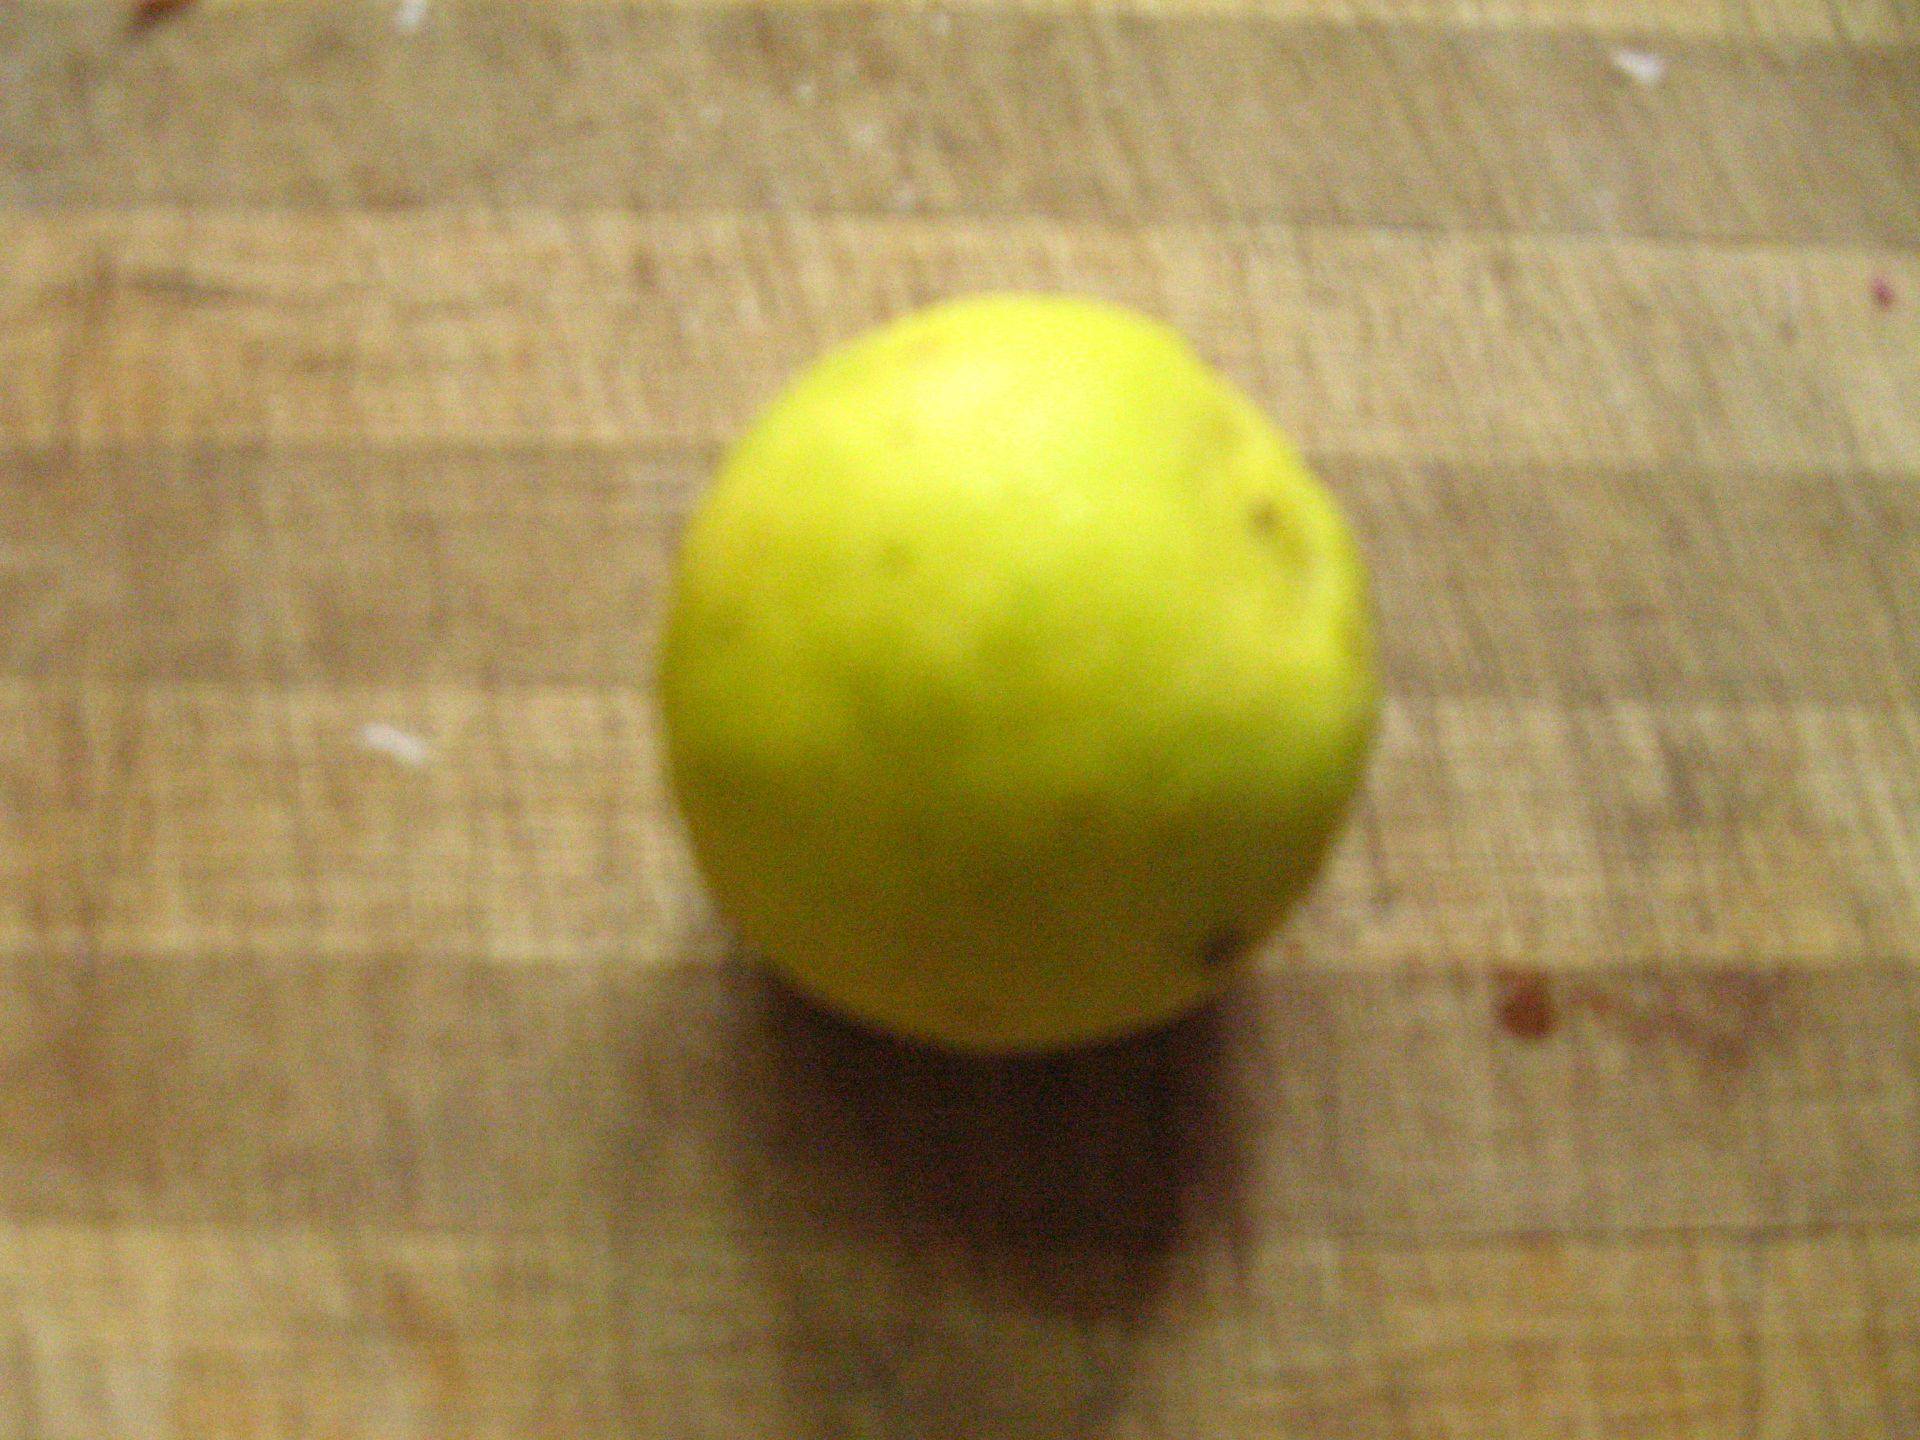 Picture of Lemon Juice